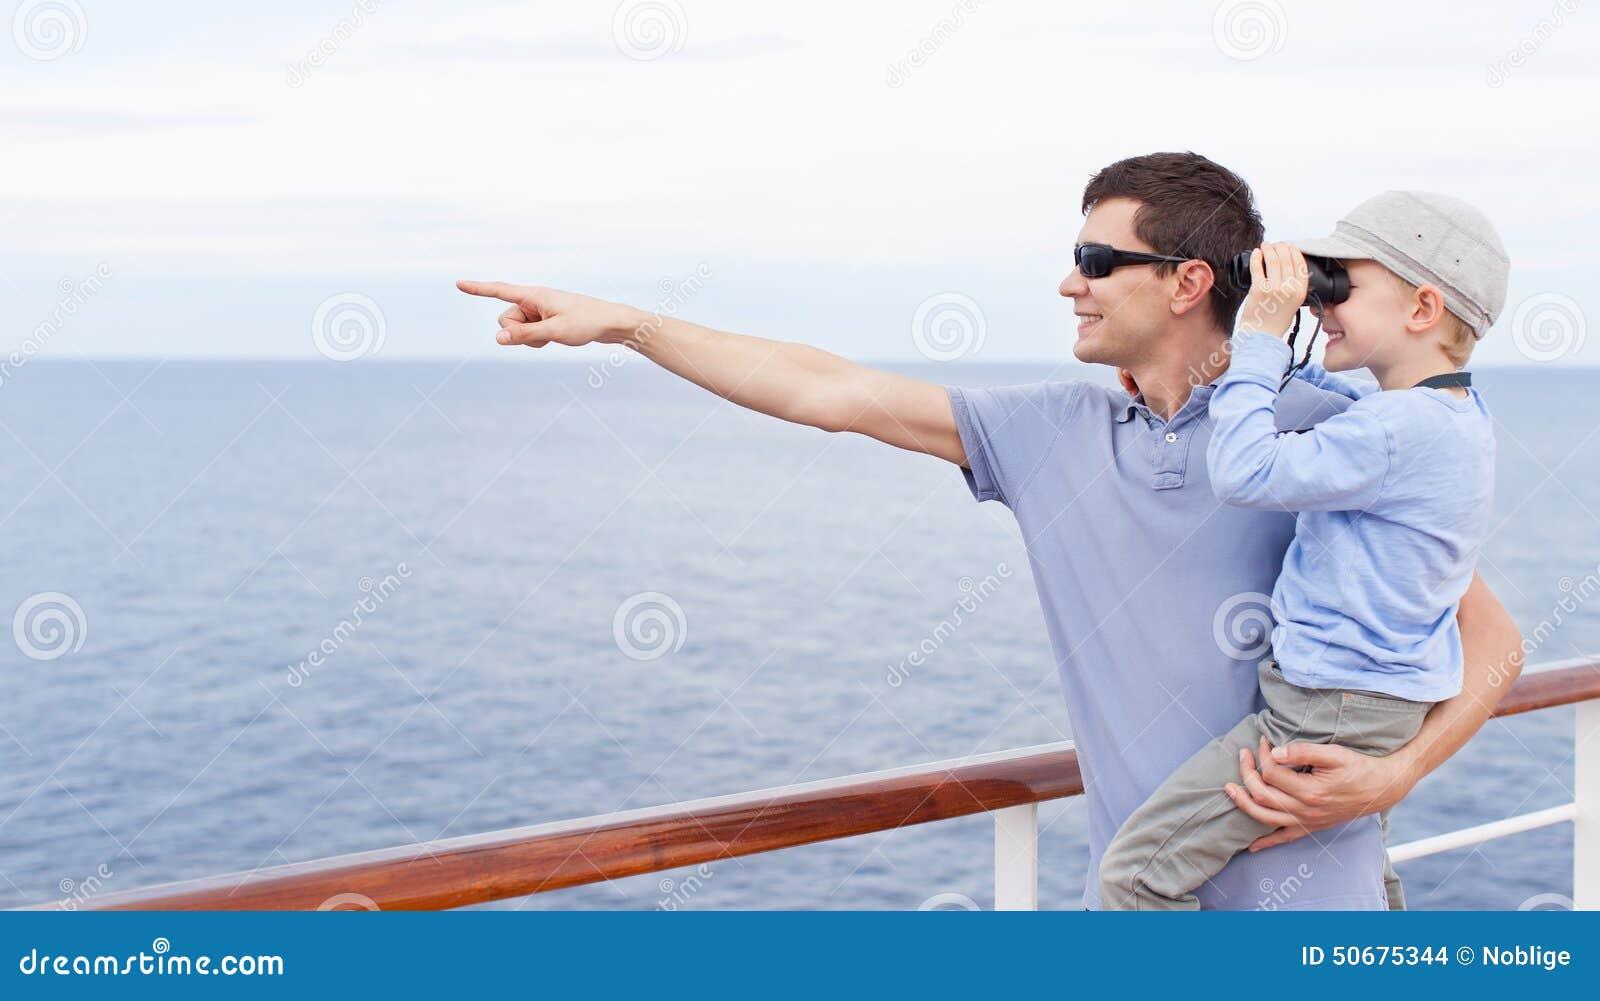 Download 家庭巡航 库存照片. 图片 包括有 父亲, 上尉, 愉快, 探险家, 男朋友, 海洋, 活动家, bink - 50675344